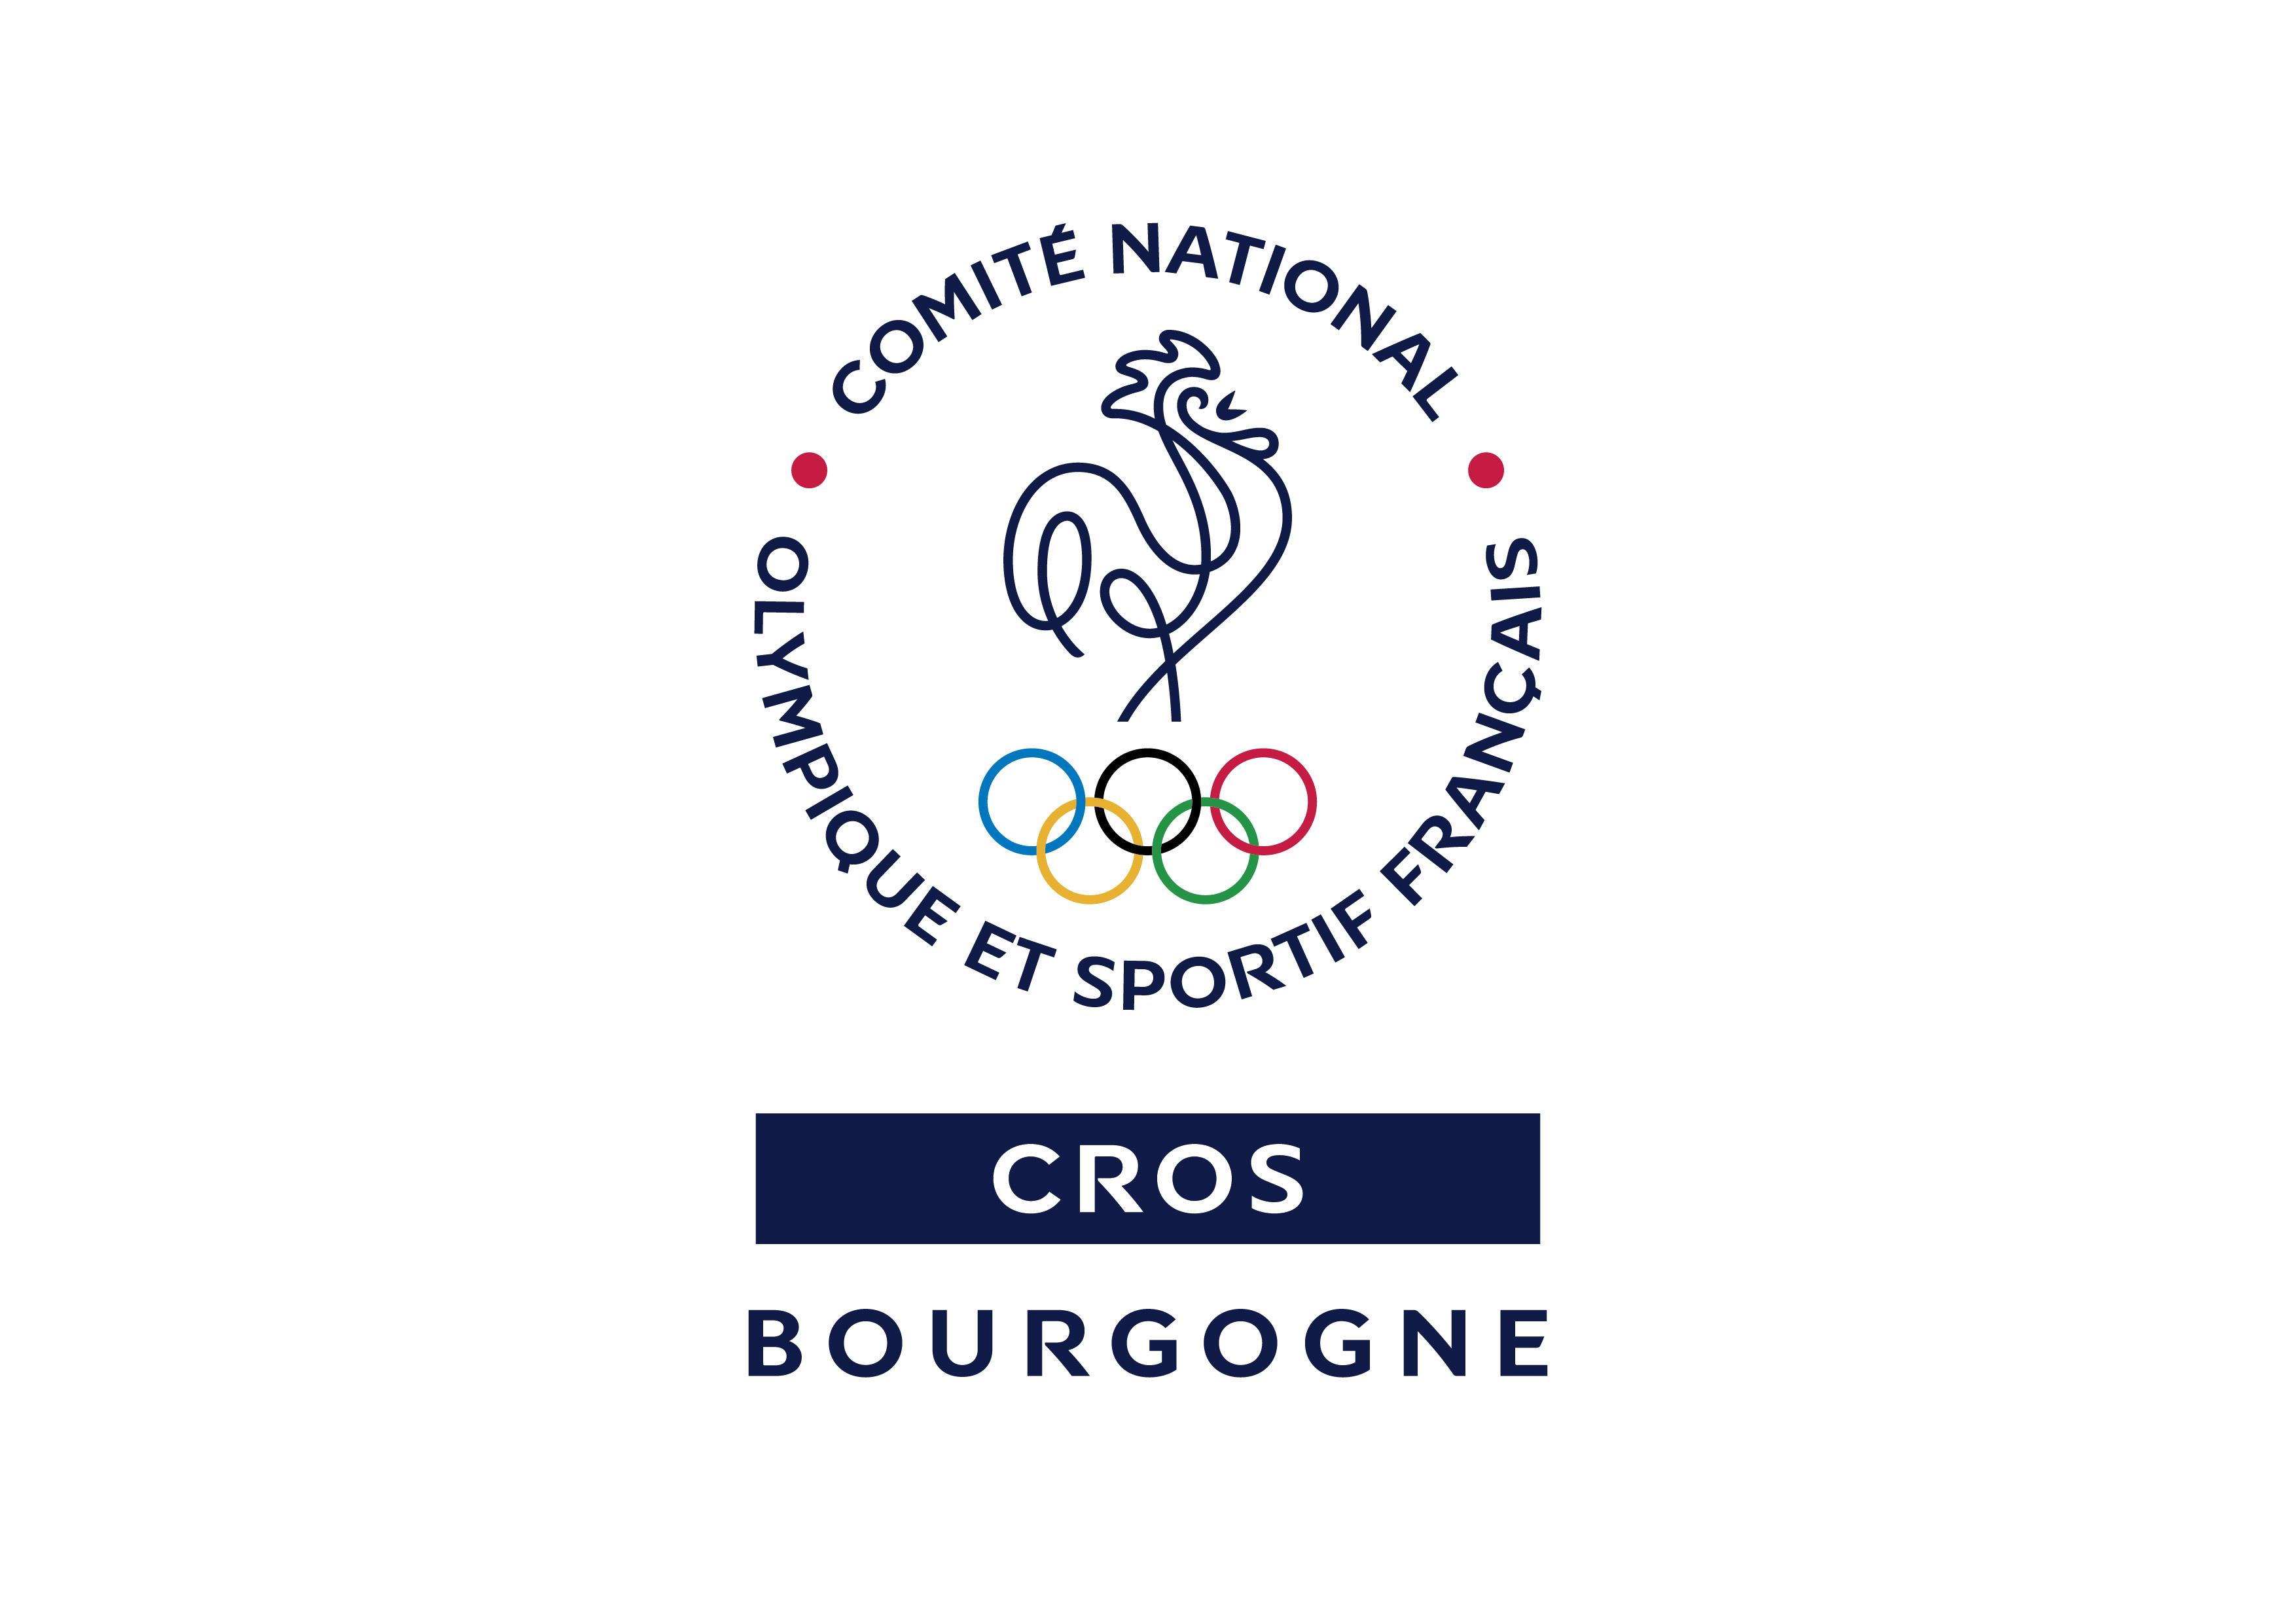 CROS_BOURGOGNE_LOGO_QUADRI_EXE-01